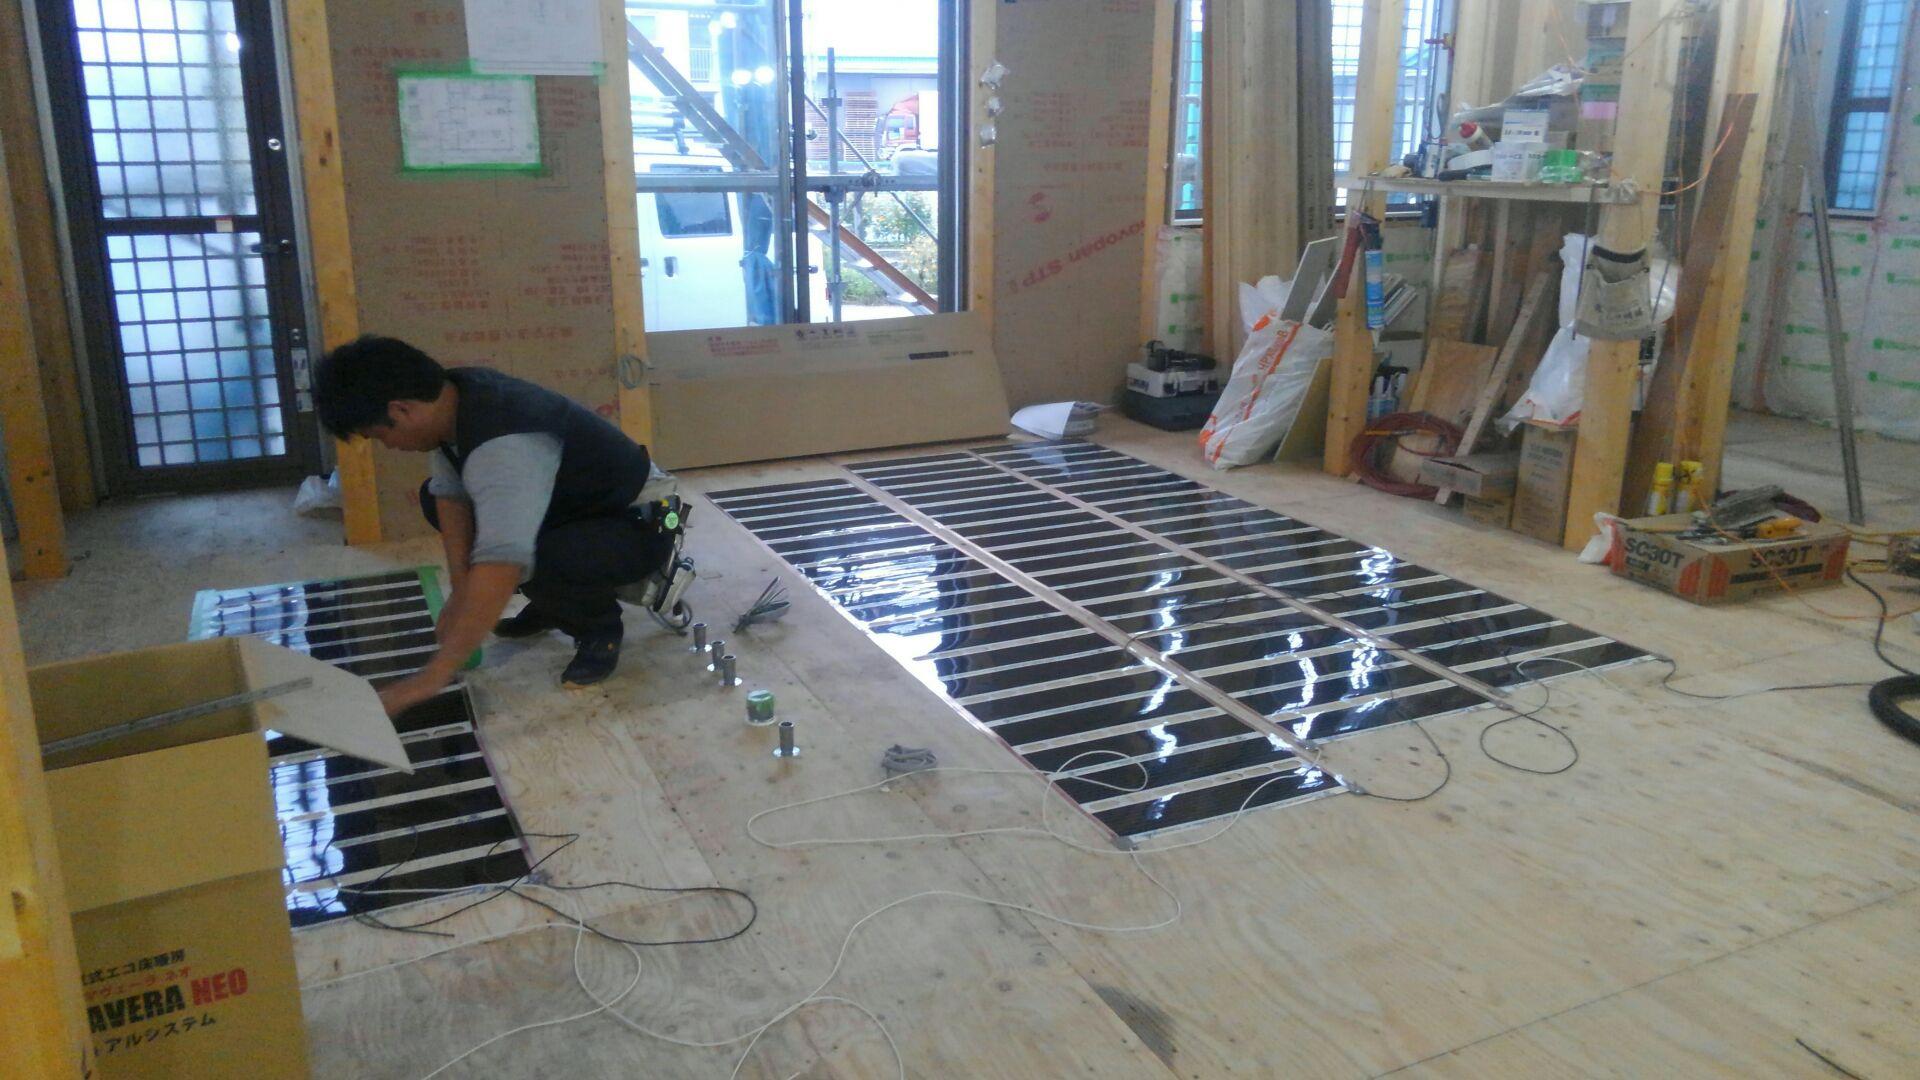 電熱式床暖房の施工です。電熱敷床暖房の場合は、大工さんがフローリングの割り込みを考えながら施工します。